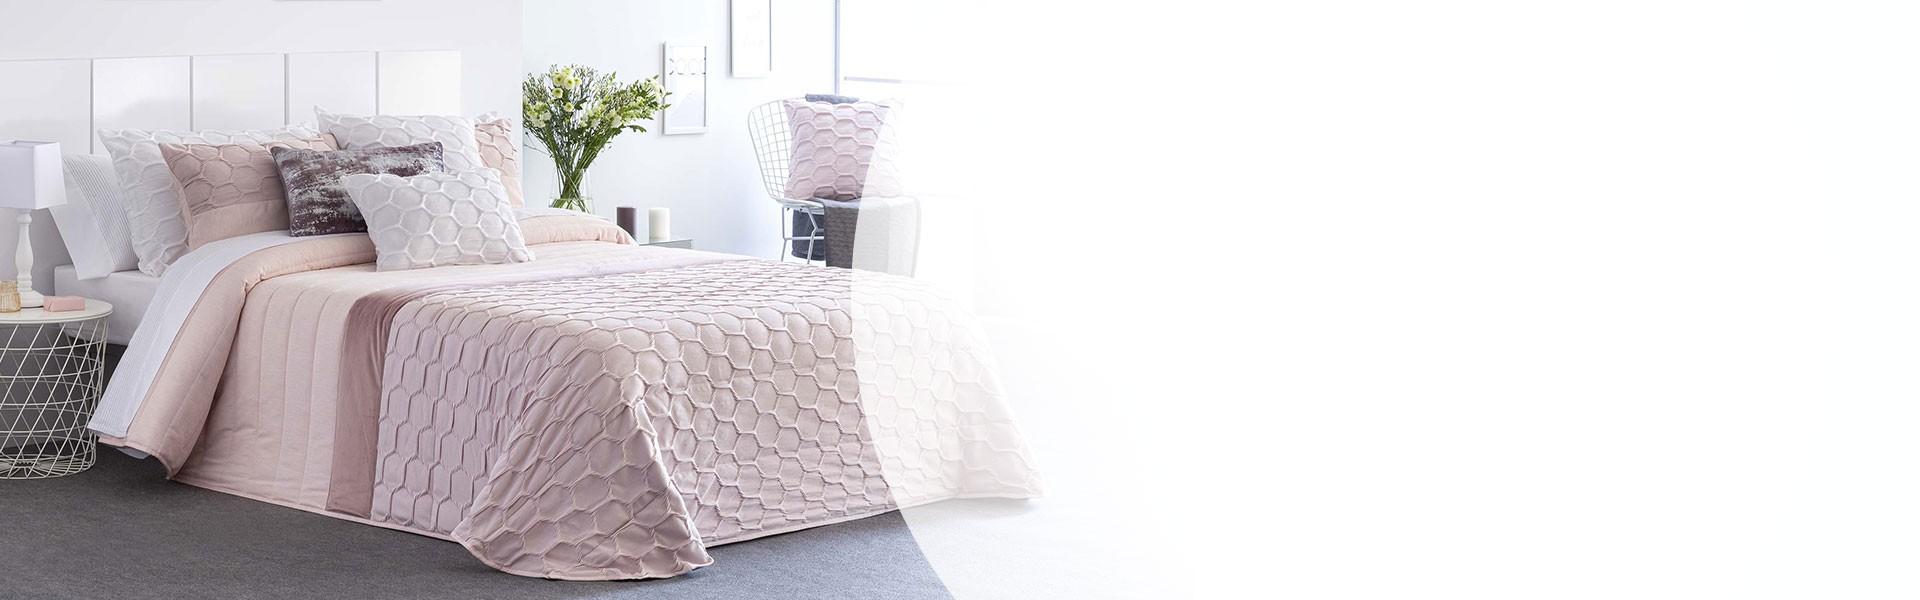 Confort, calidad y elegancia